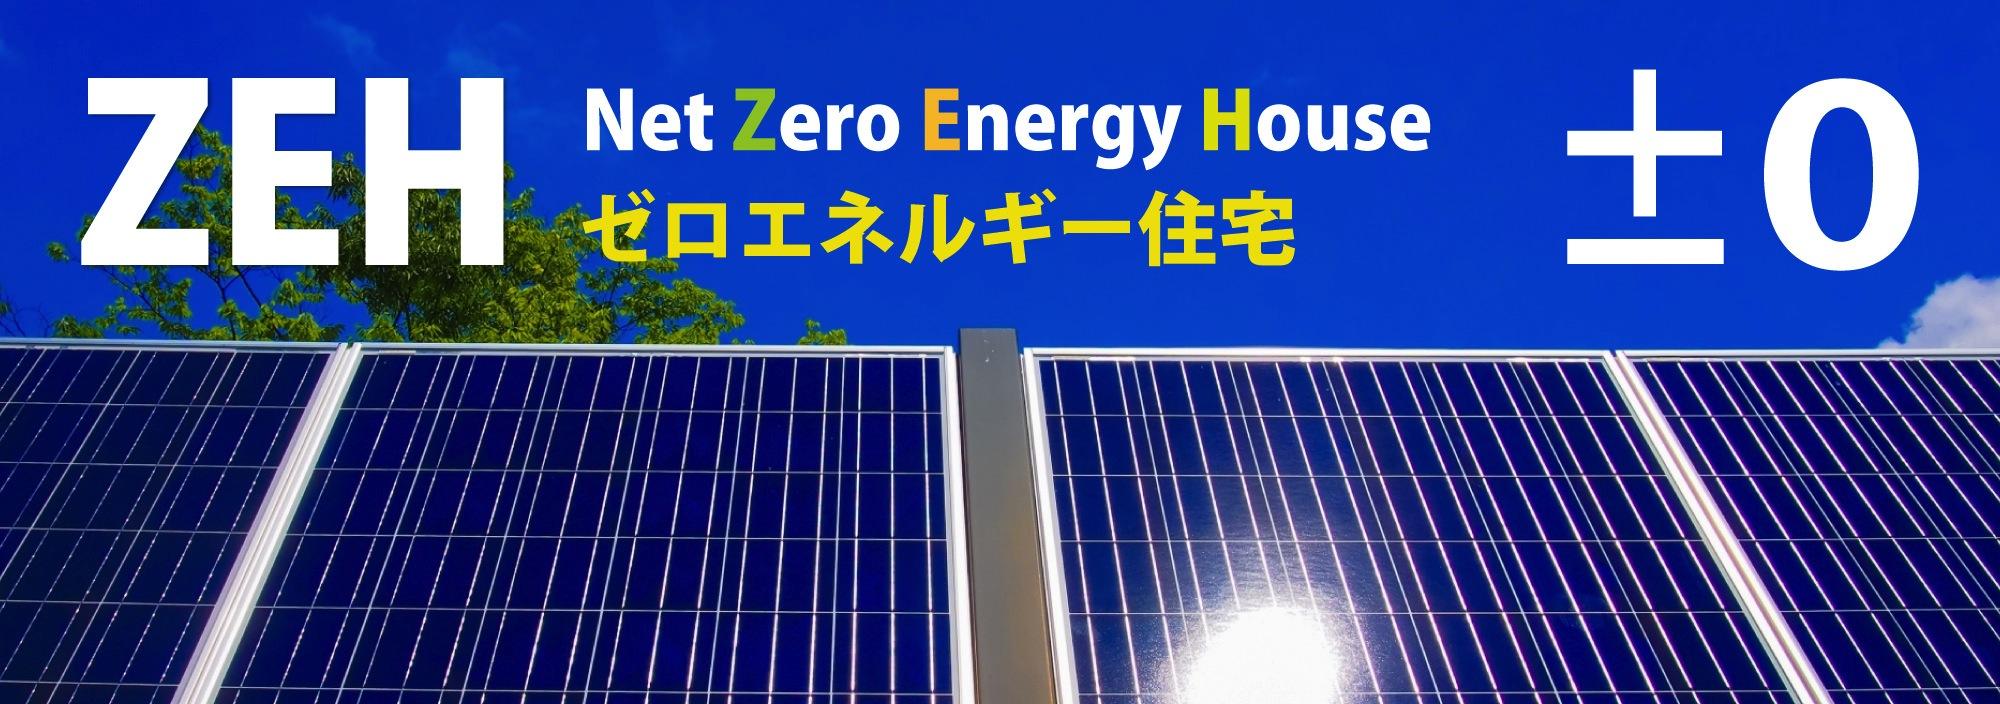 ZEH 山形・宮城のゼロエネルギー住宅